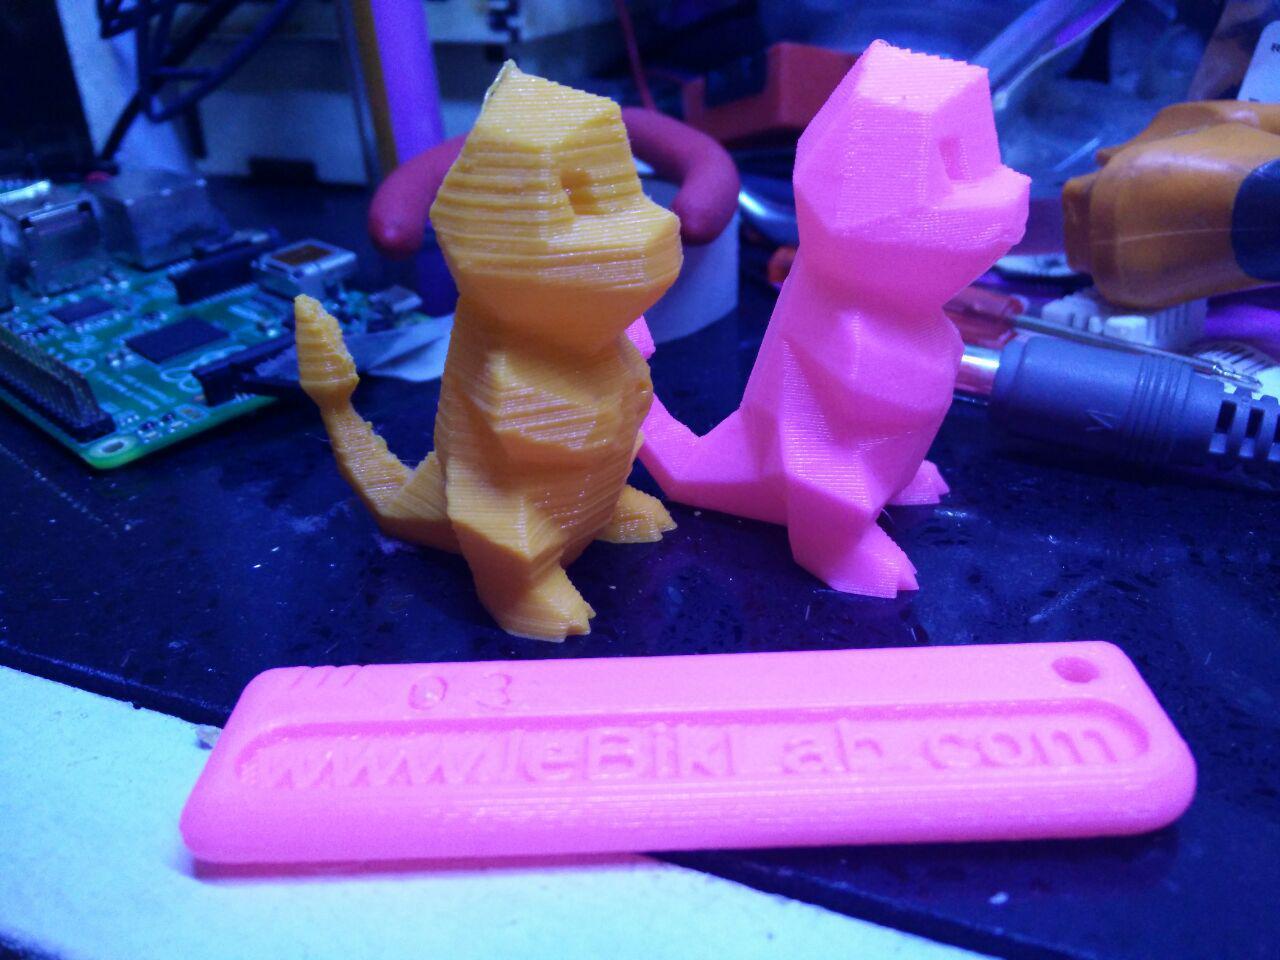 Avant et après calibration de l'imprimante 3D